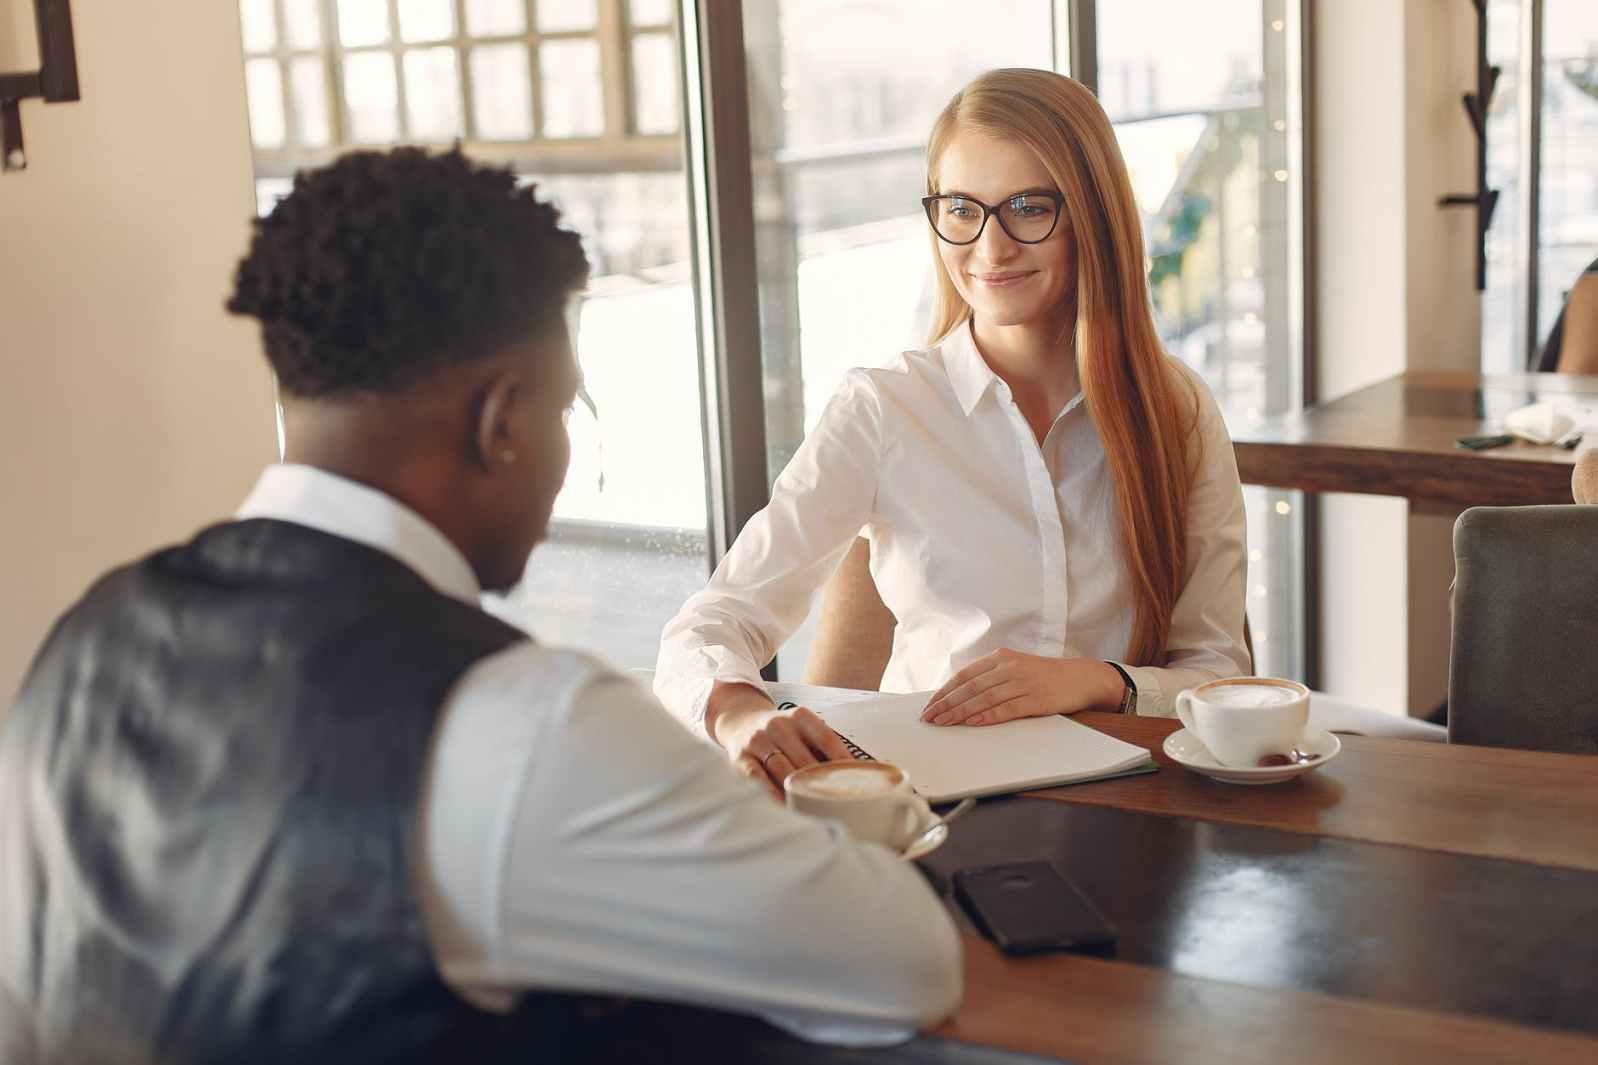 eliminate bias in hiring